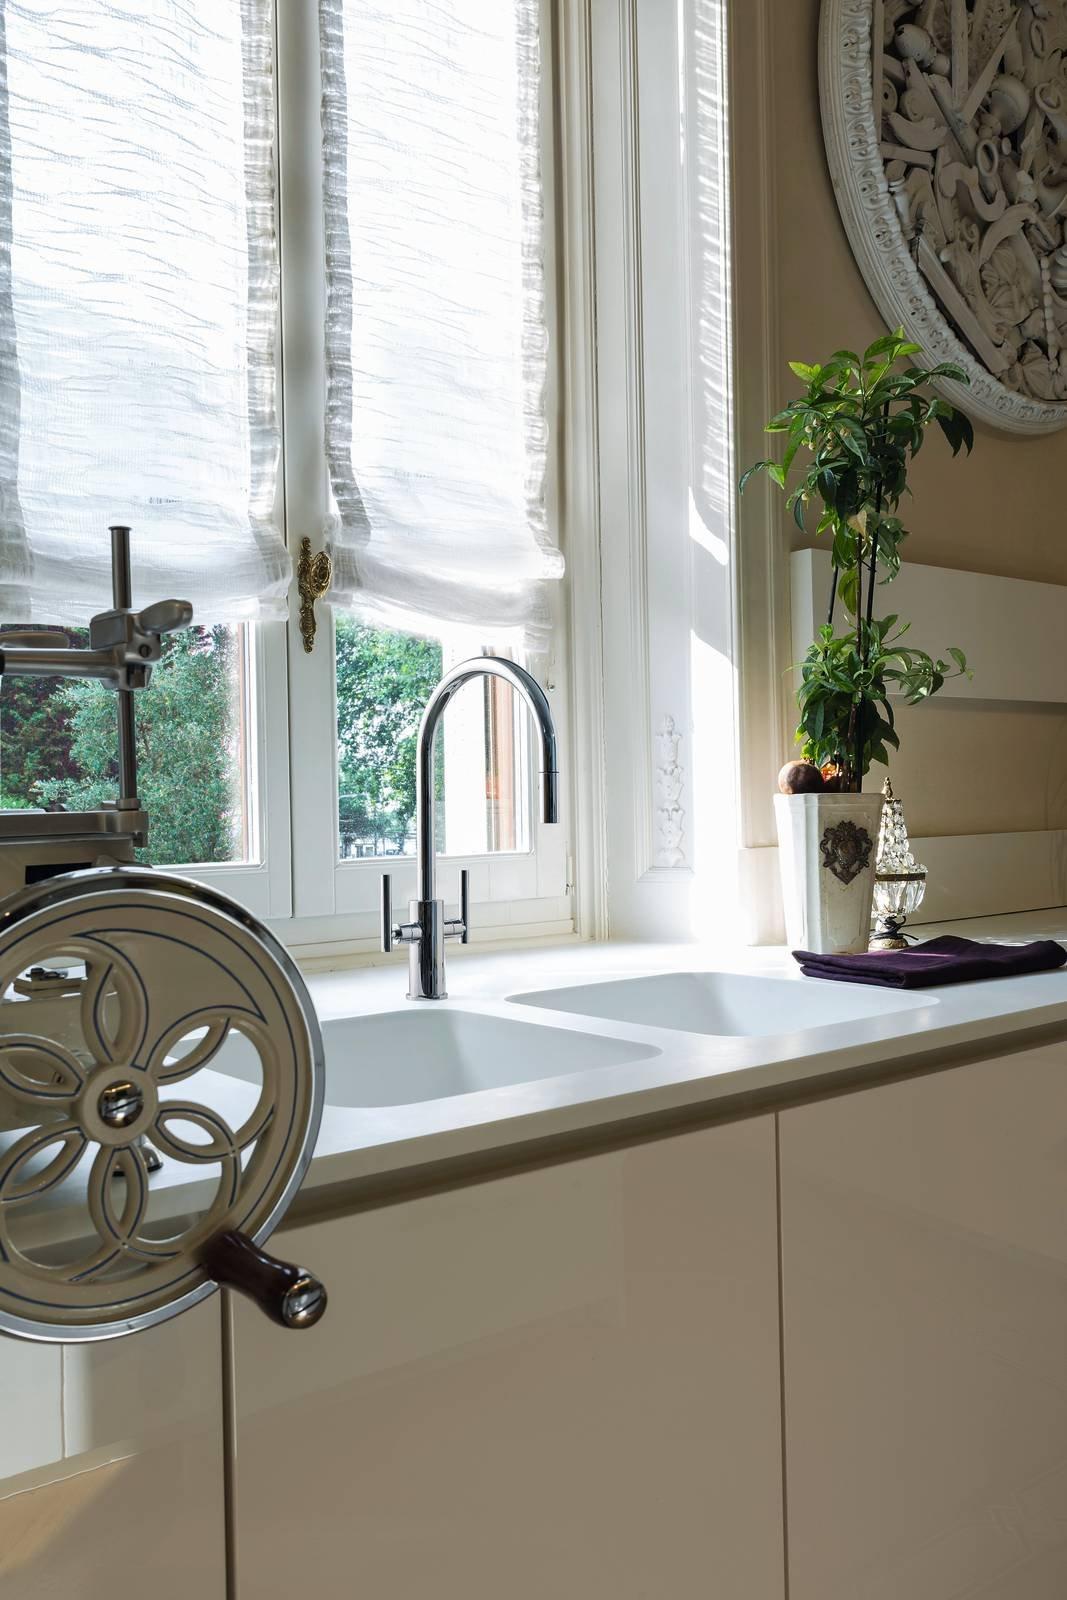 14 Nuovi Rubinetti Per La Cucina Collo Alto E Prestazioni Tecniche Cose Di Casa